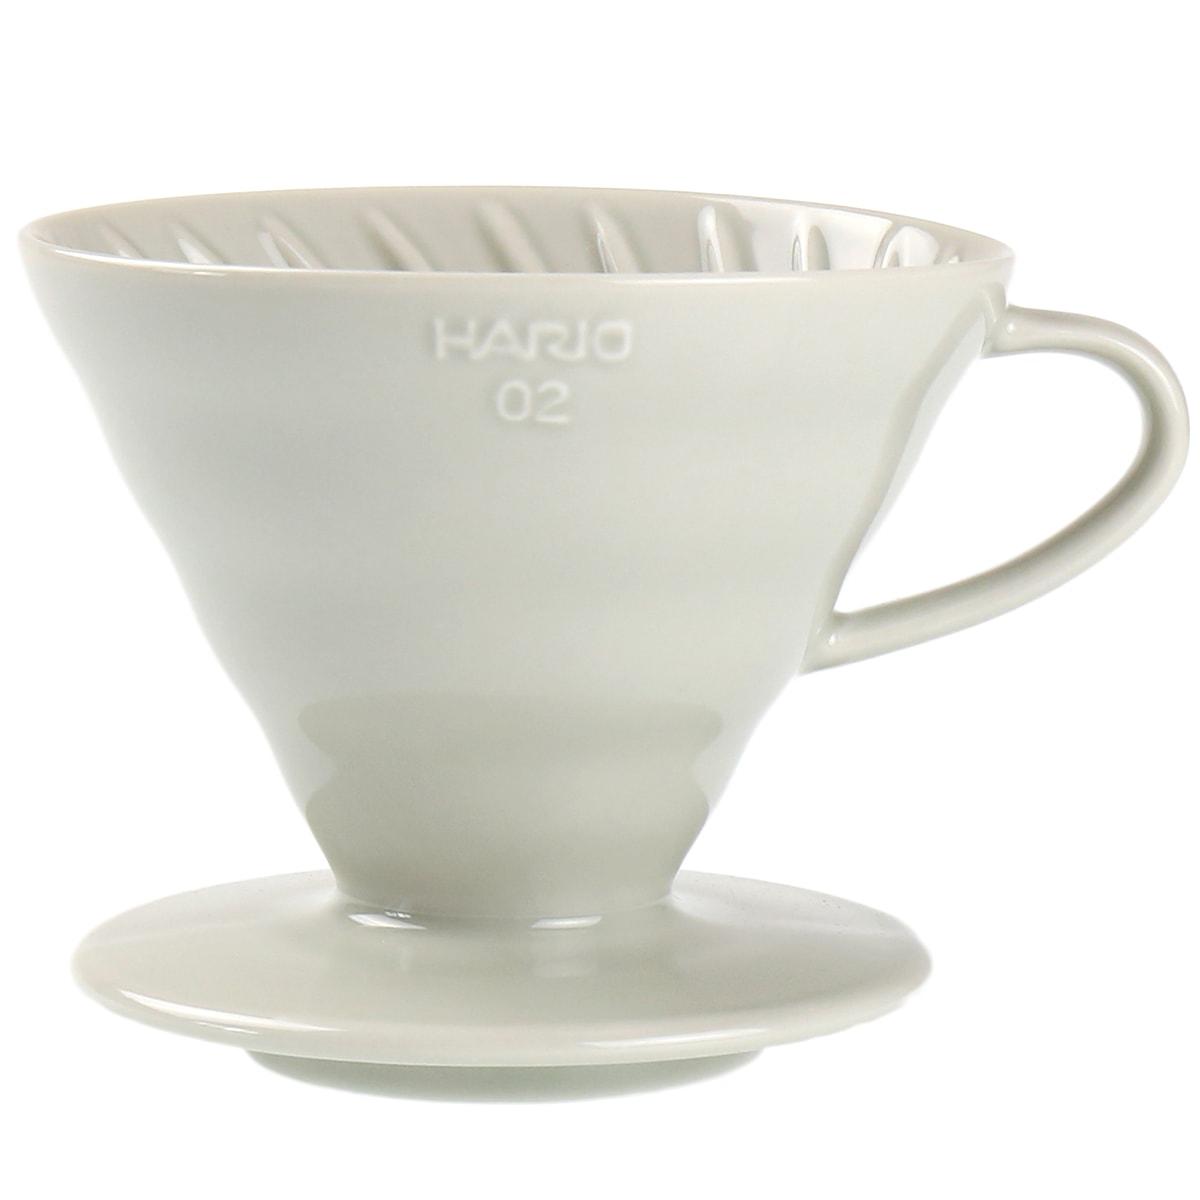 セラミックコーヒードリッパー02 <白鼠/イルカナライトグレー>